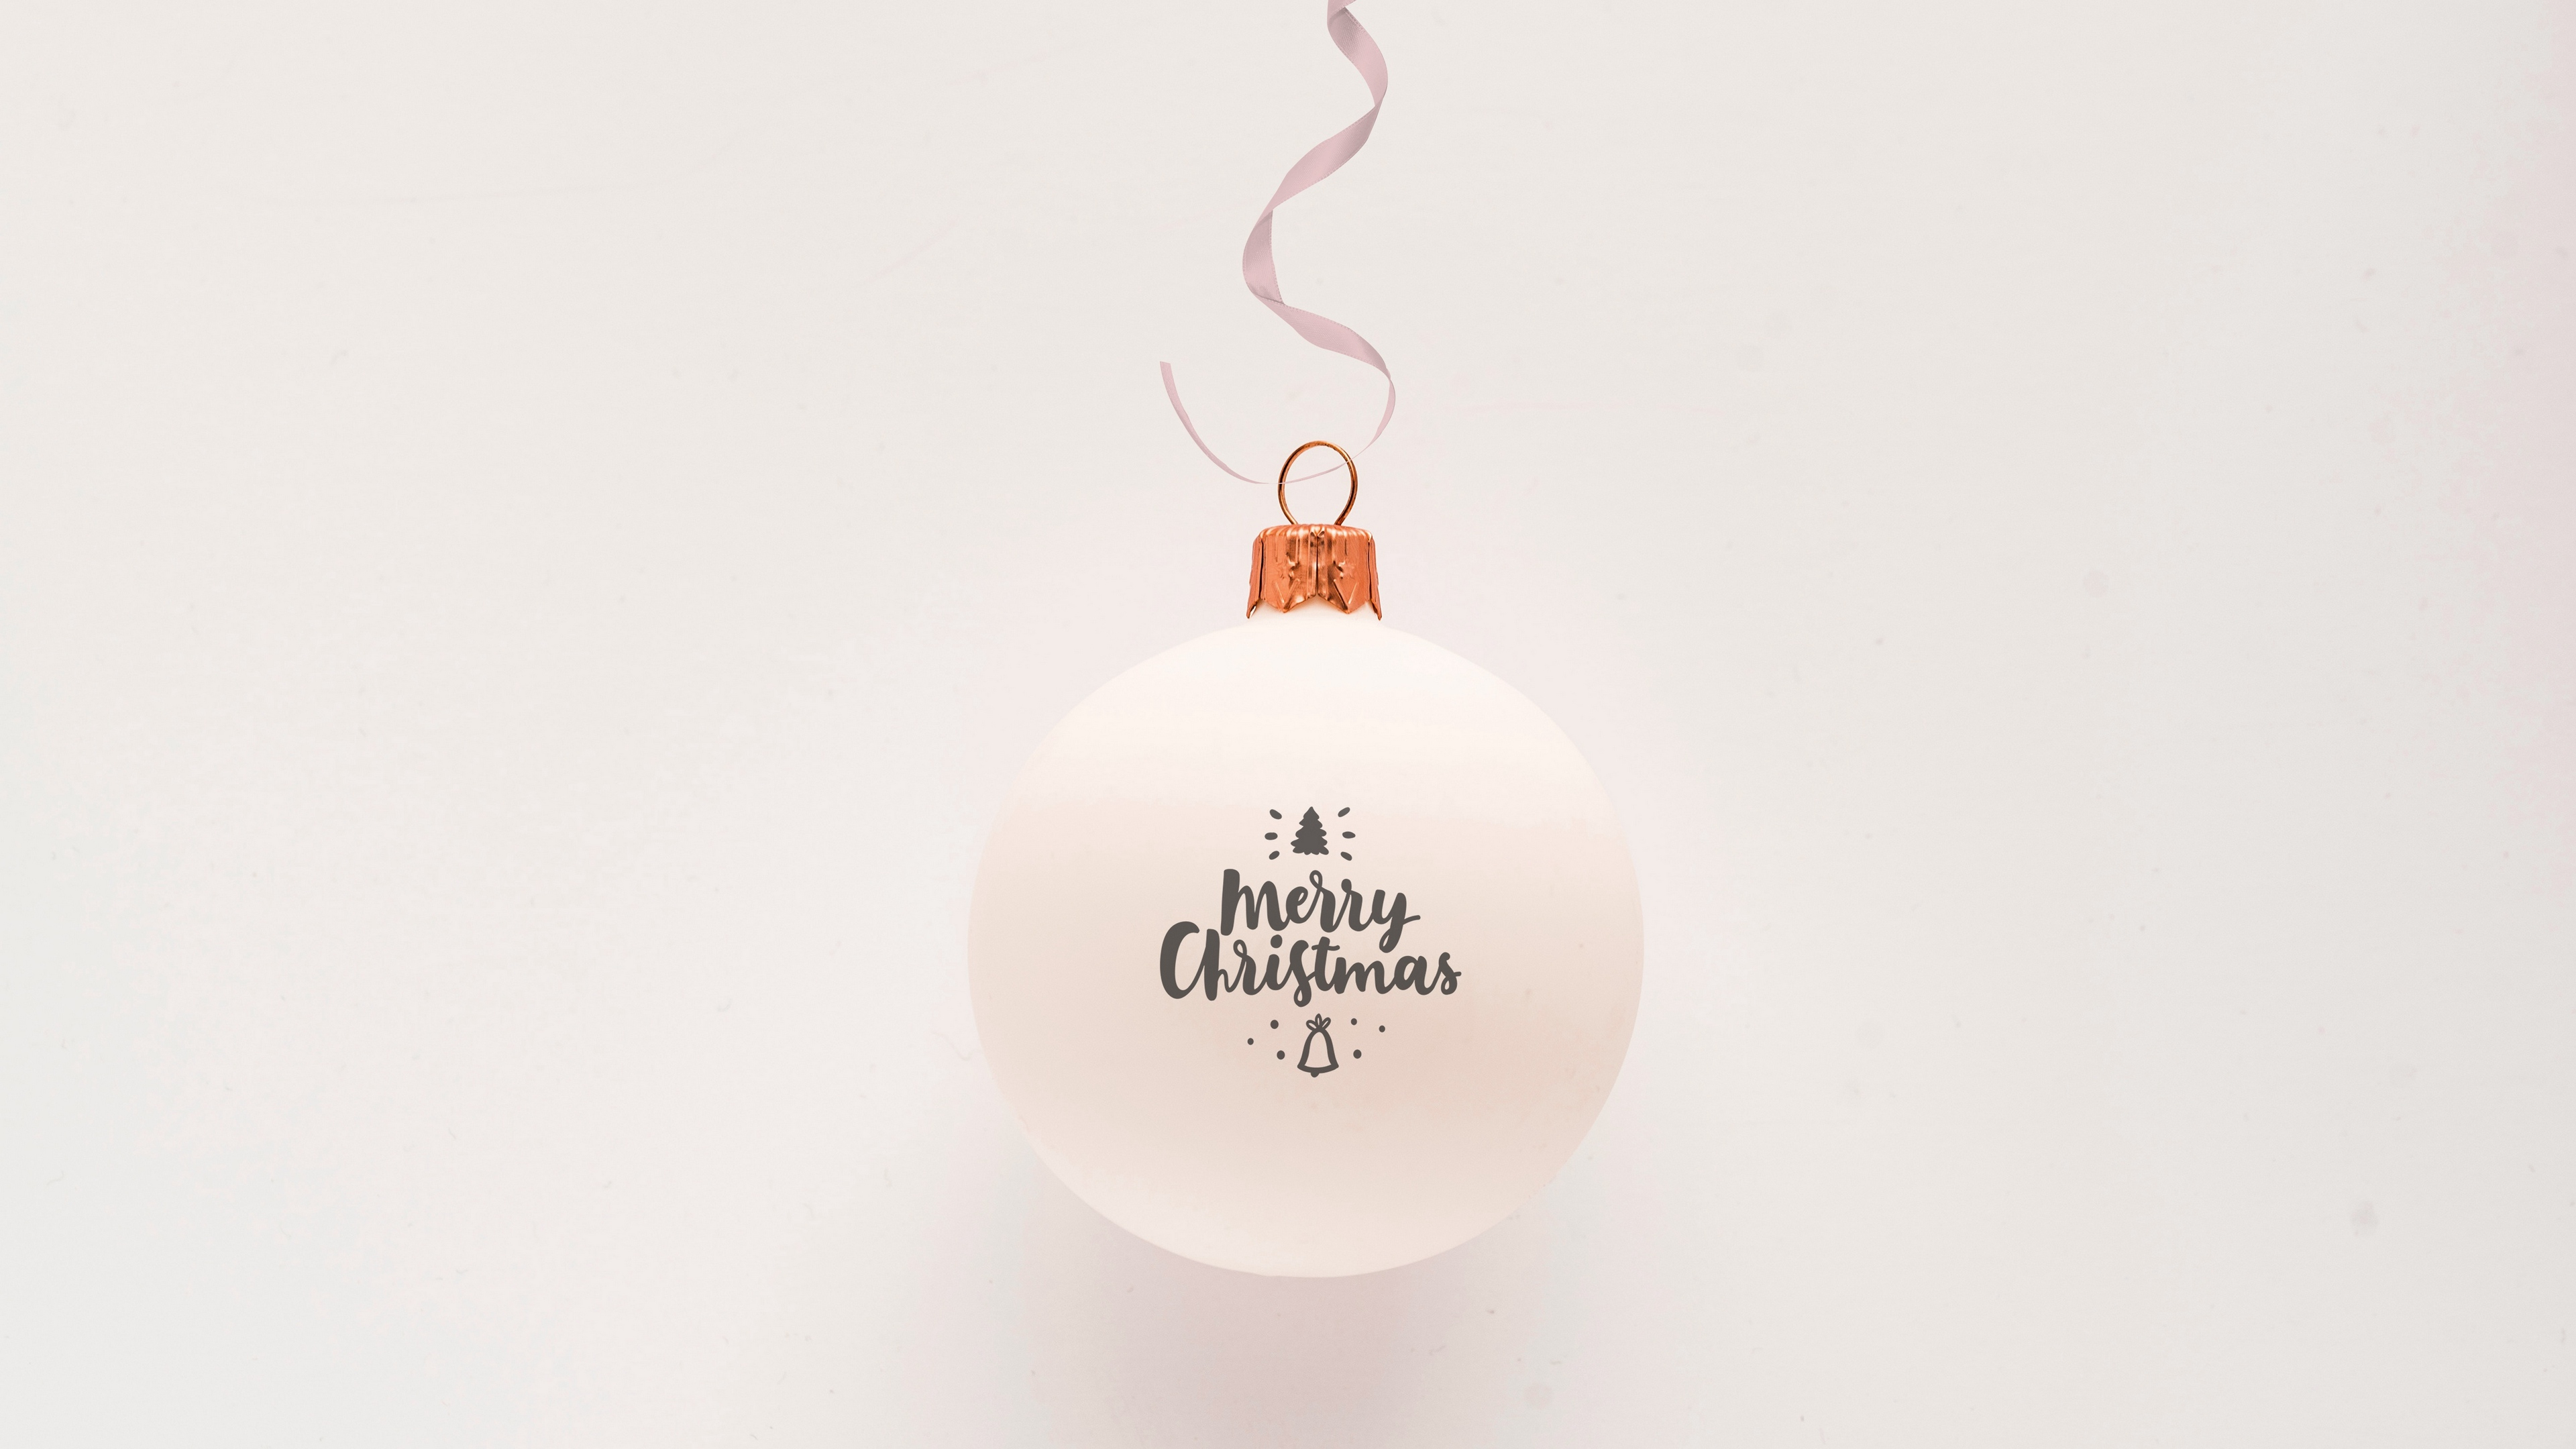 christmas ball ornament christmas ornament 4k 1538344924 - christmas, ball, ornament, christmas ornament 4k - ornament, Christmas, Ball